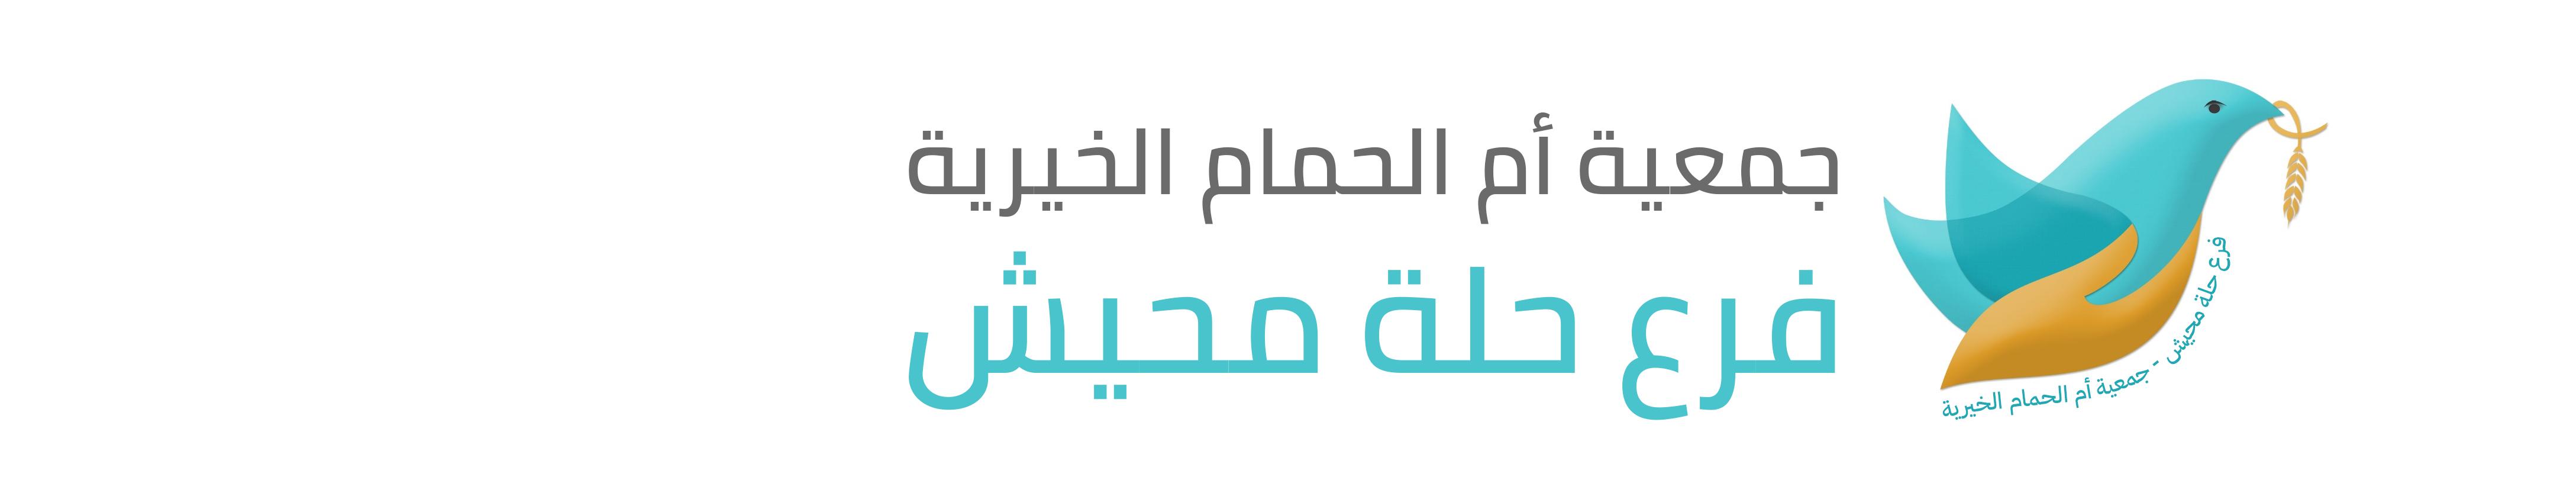 فرع جمعية أم الحمام الخيرية – مكتب حلة محيش